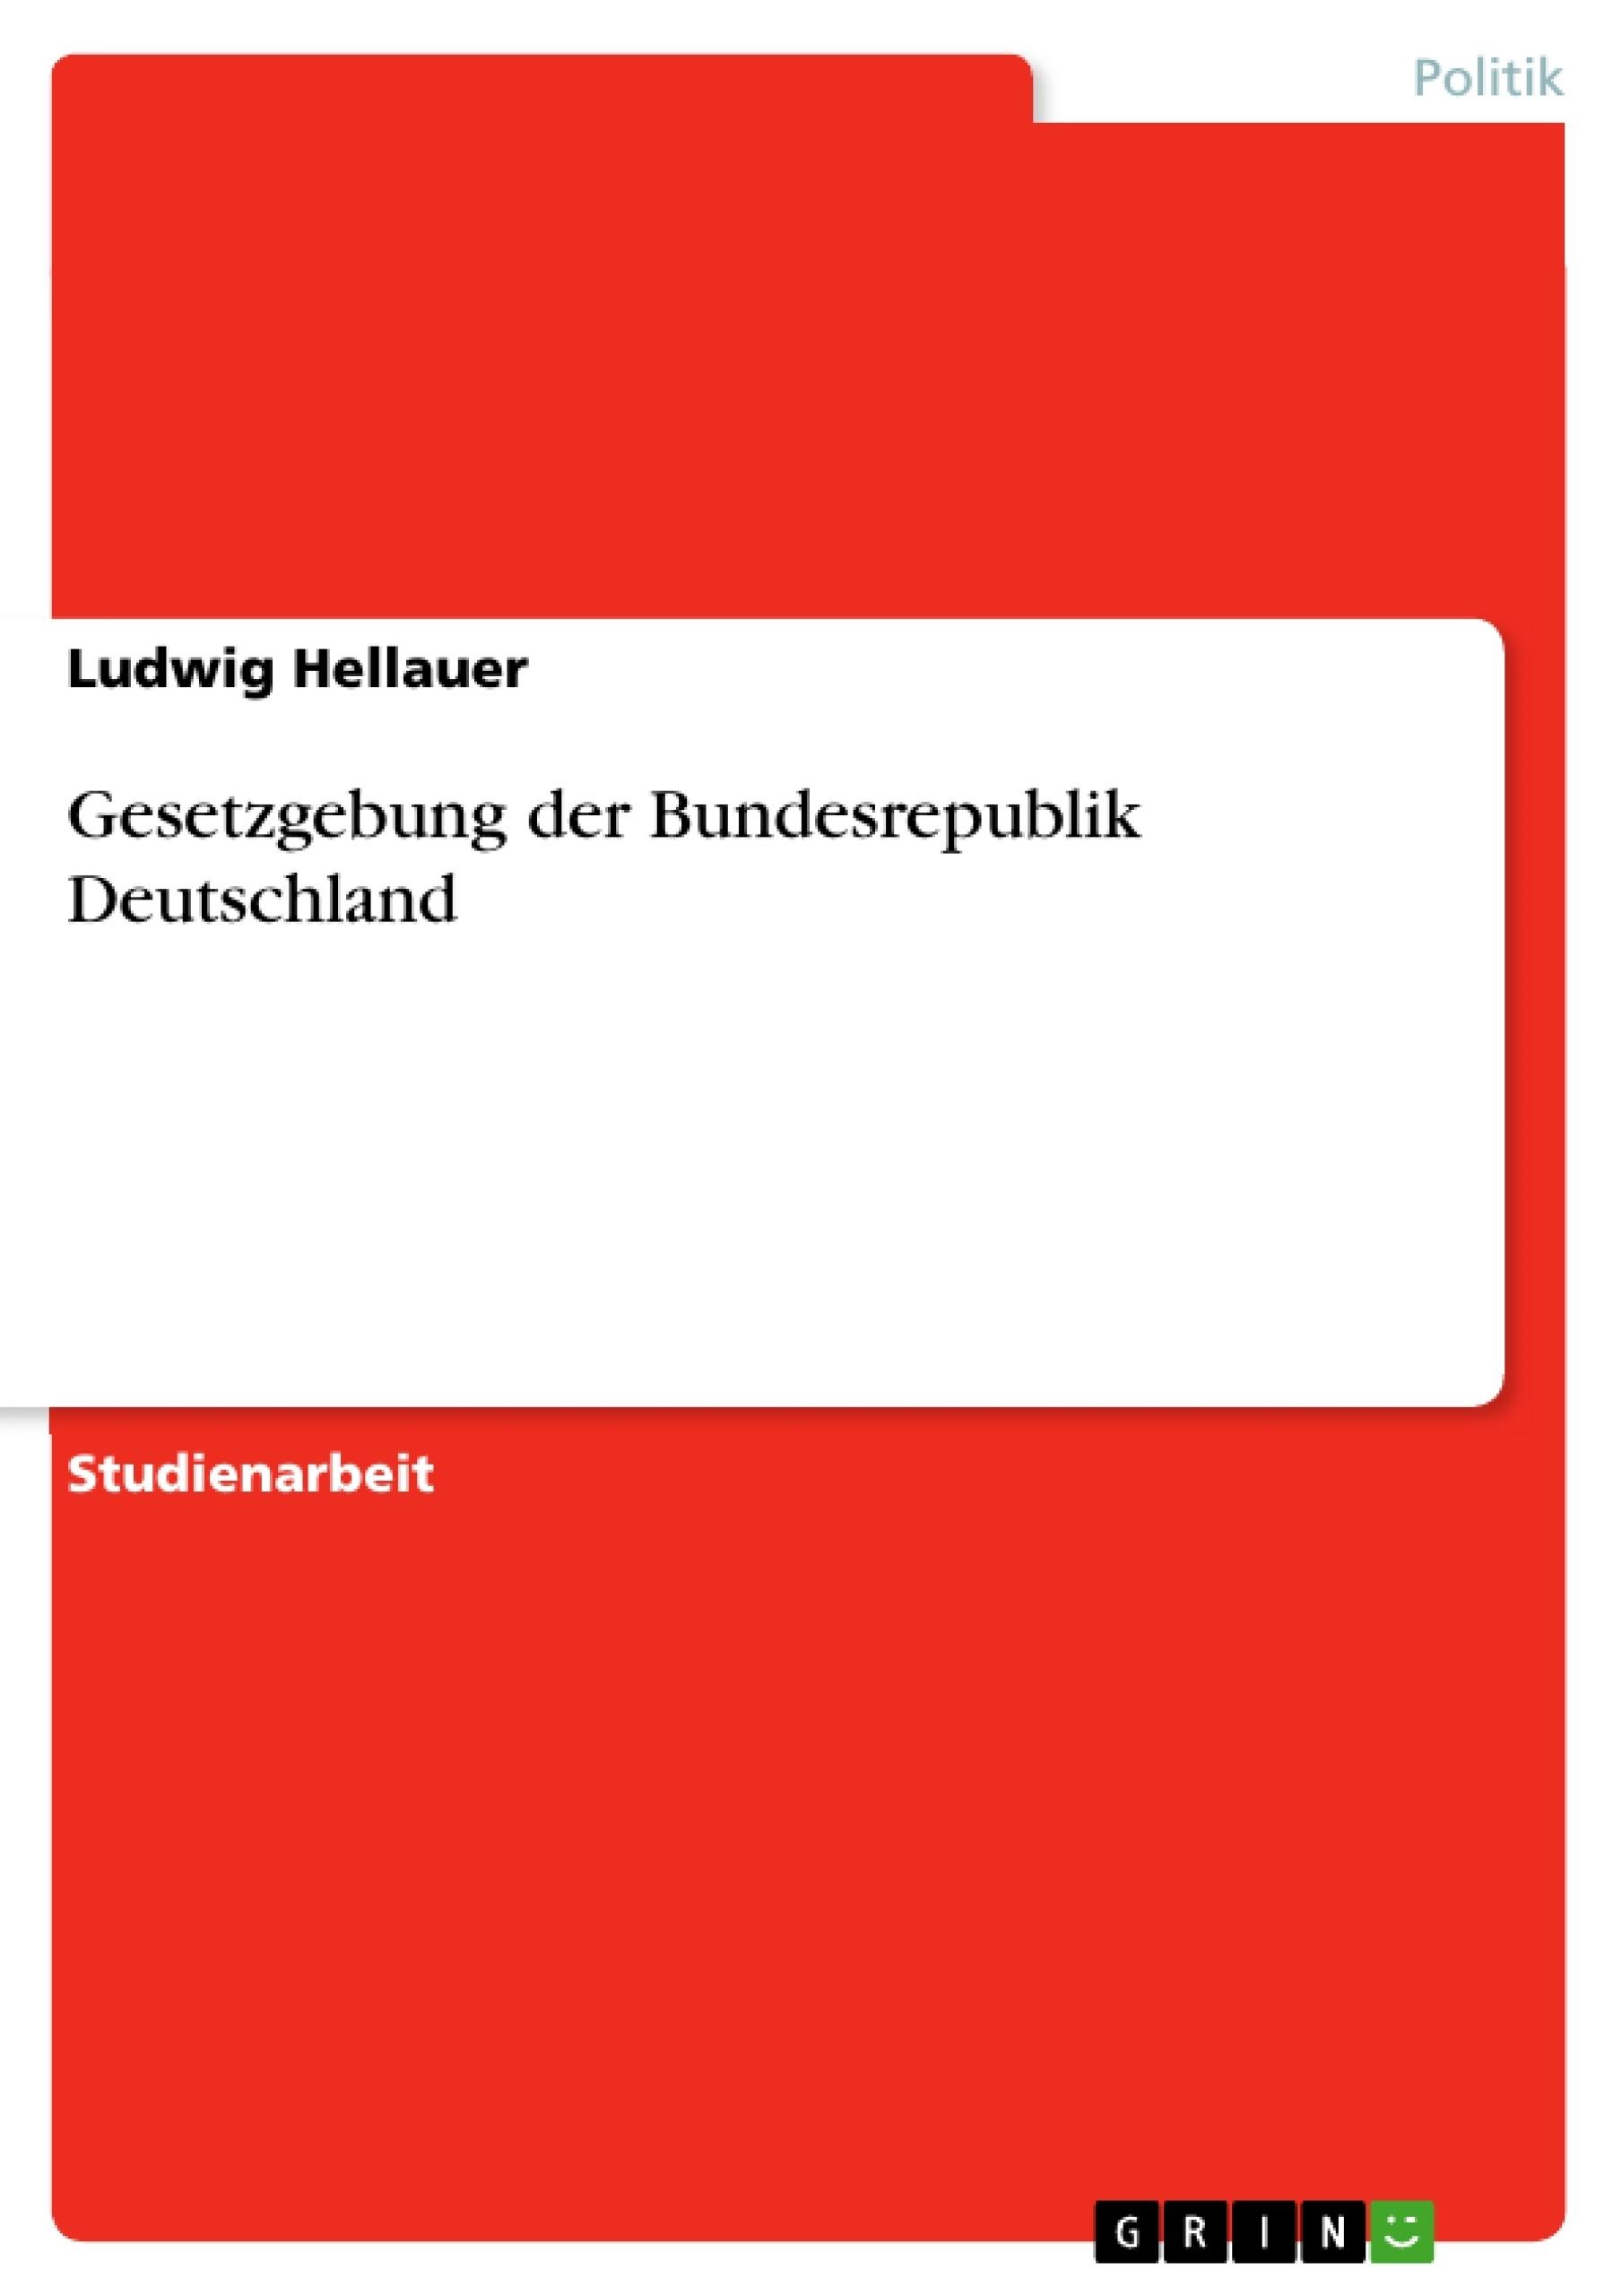 Titel: Gesetzgebung der Bundesrepublik Deutschland